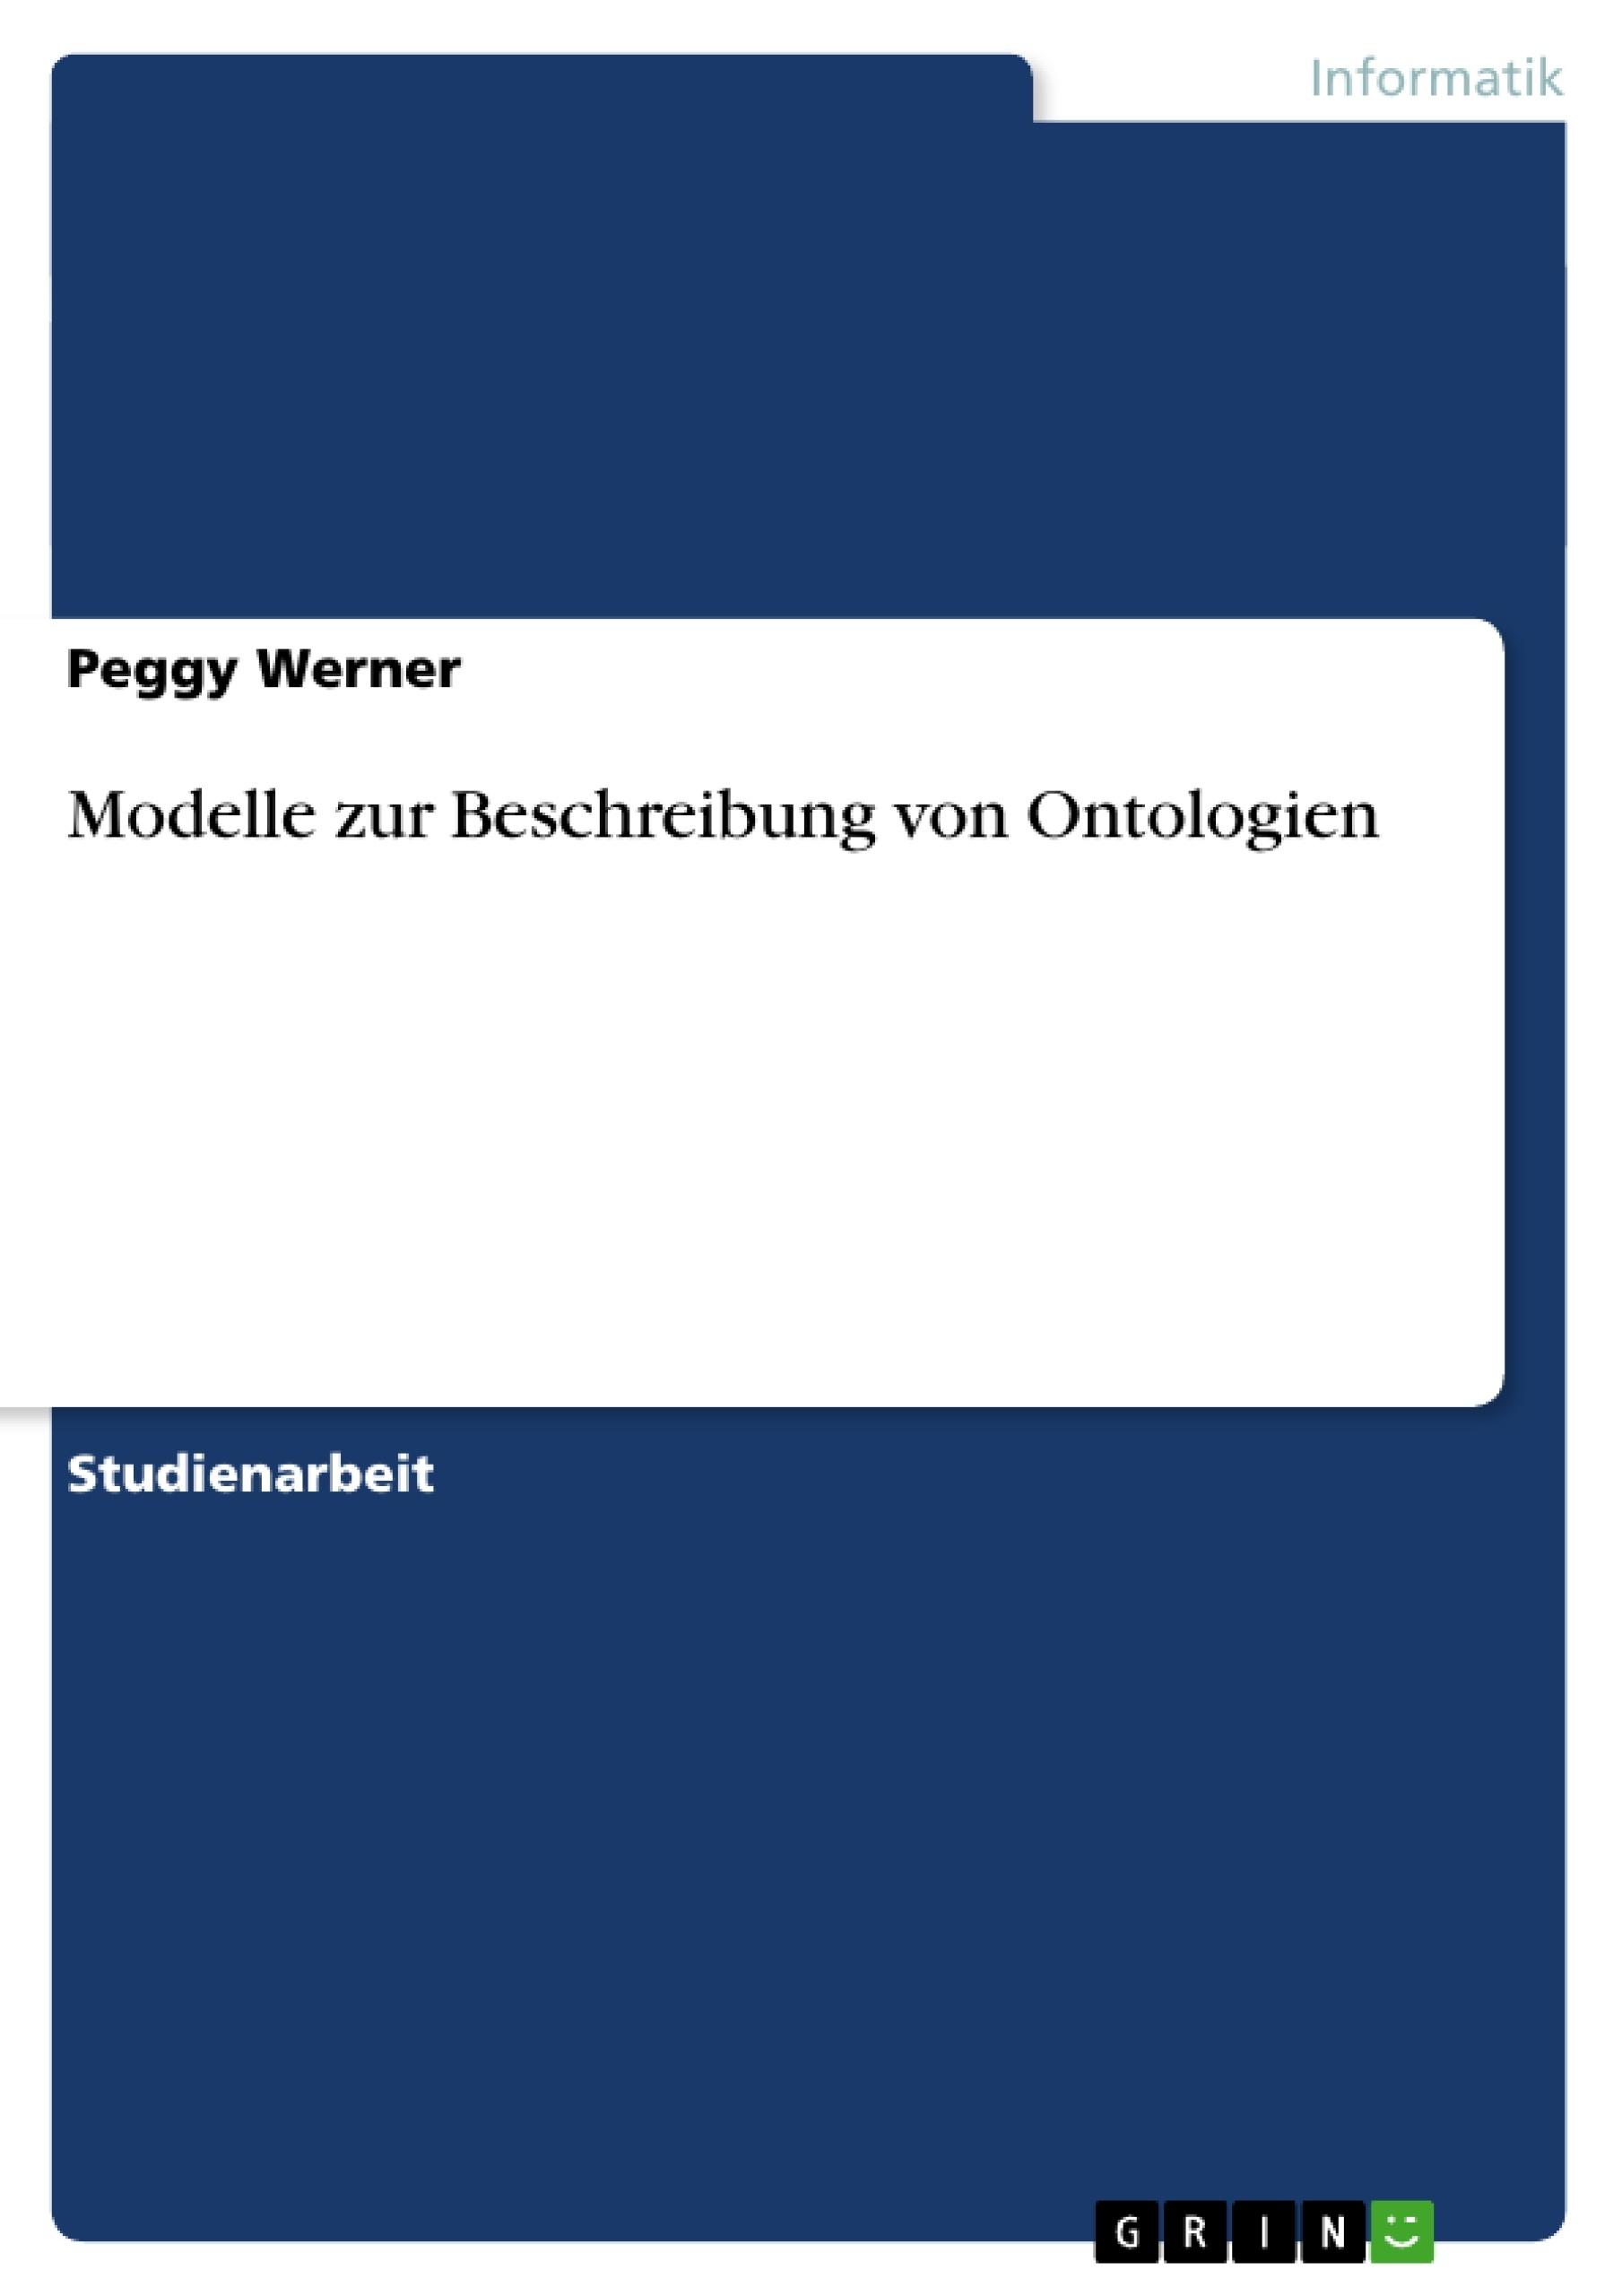 Titel: Modelle zur Beschreibung von Ontologien